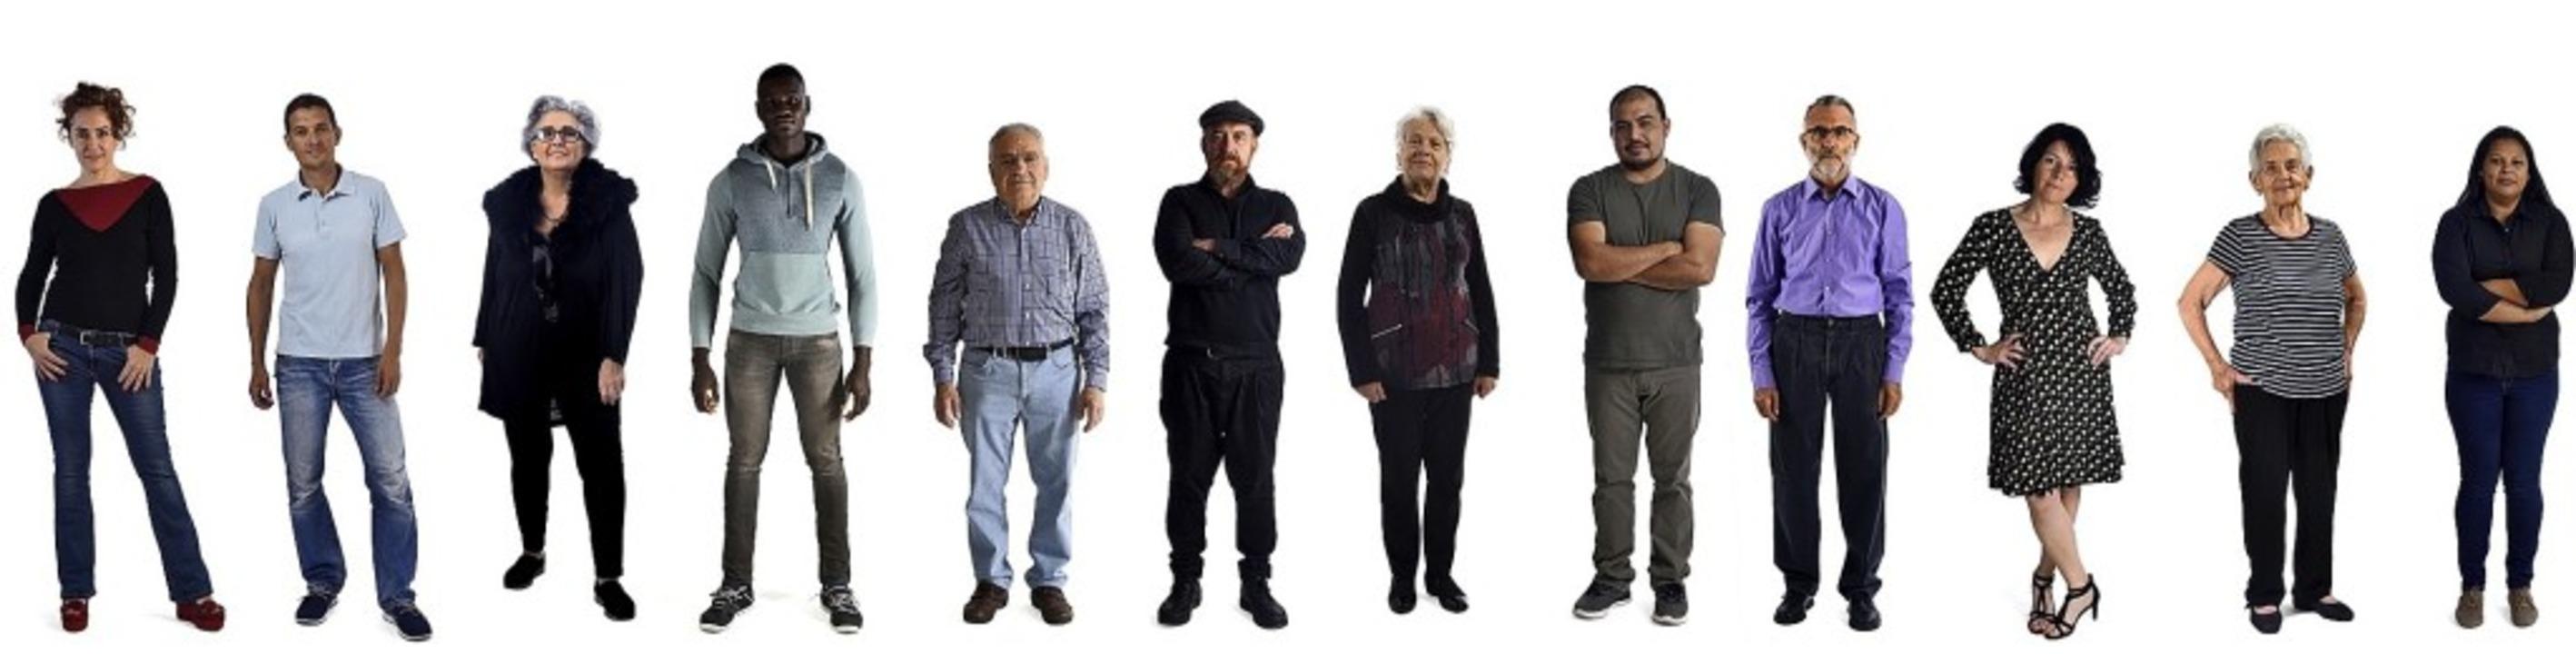 Der Bürgerrat wird aus 160 zufällig au...schaftliche Probleme gefunden werden.   | Foto: Curto